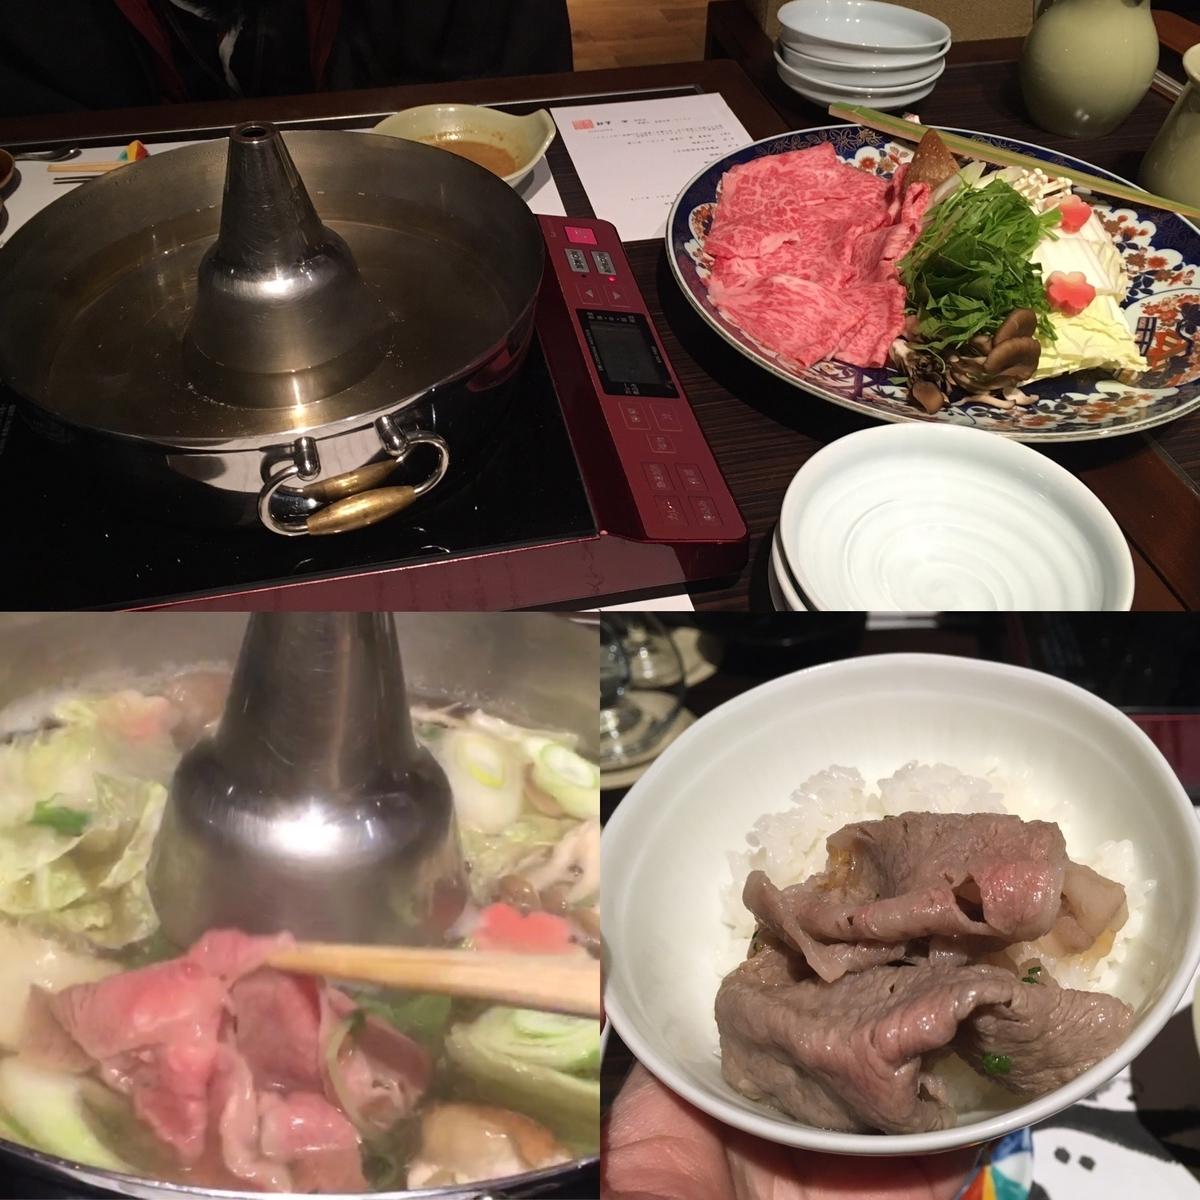 やまぐち湯田温泉古稀庵 グレードアップした夕食のメイン料理「牛しゃぶ鍋」